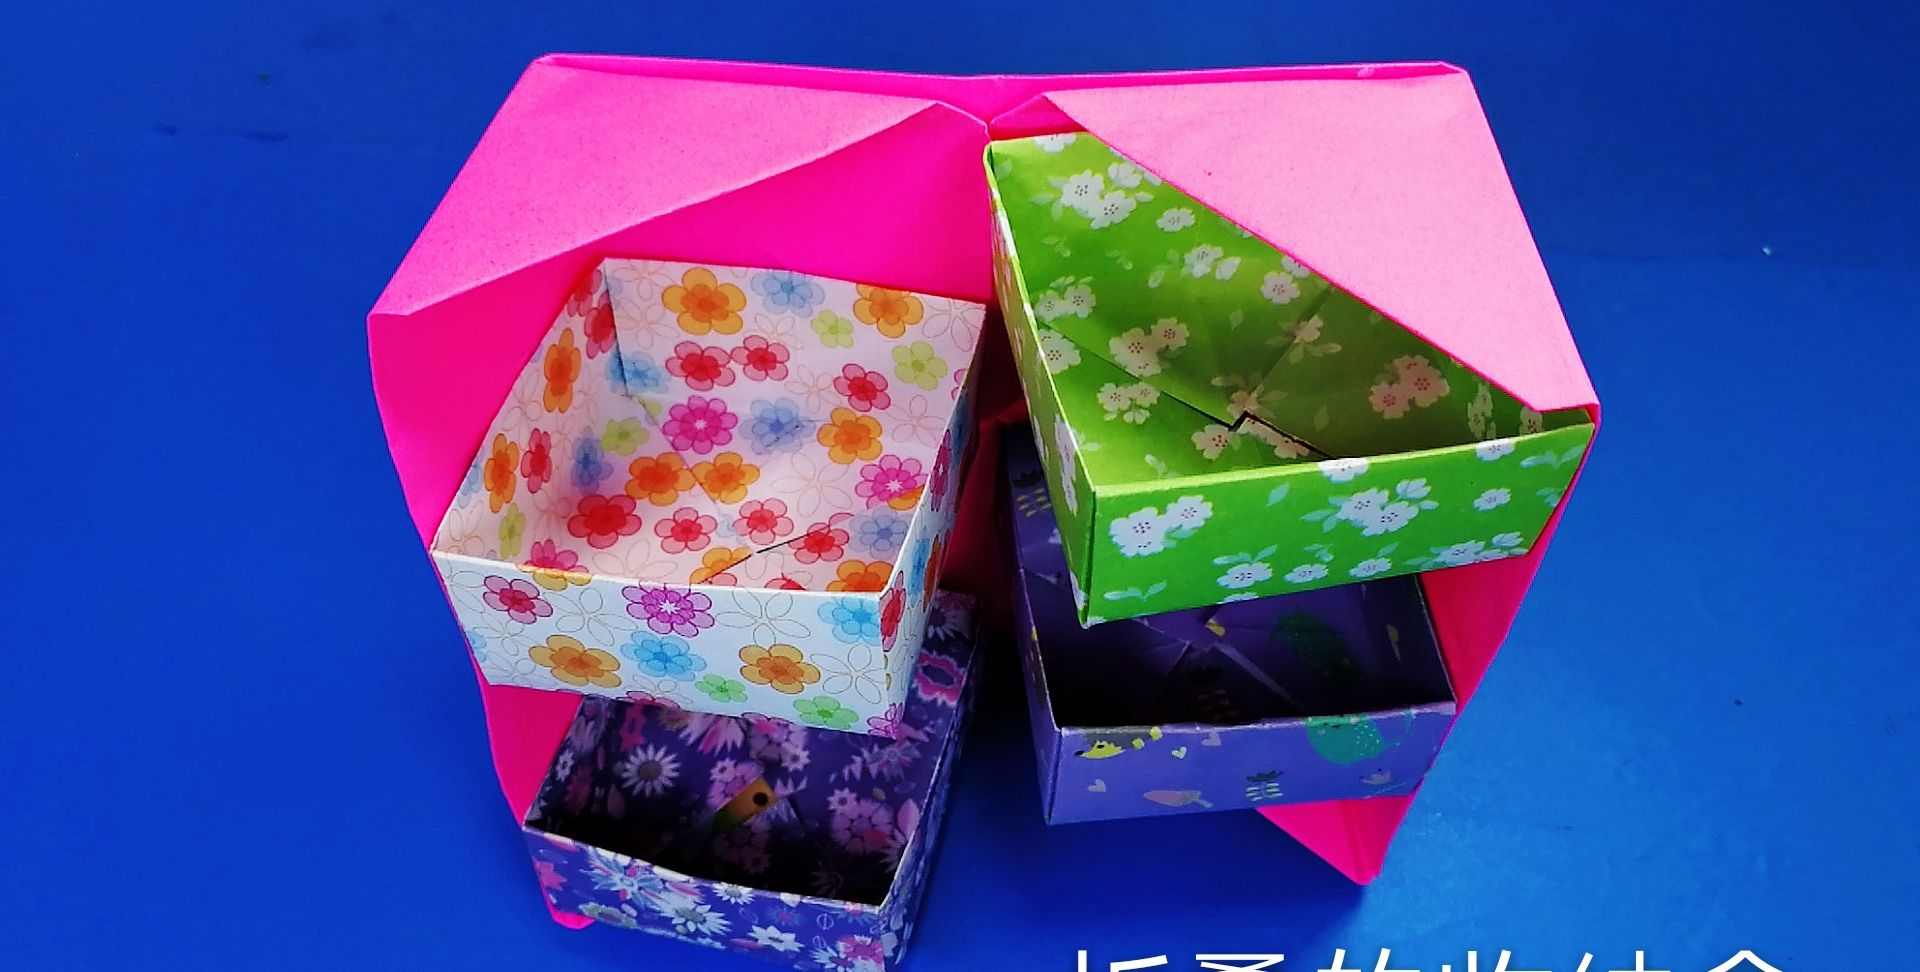 这是一个可以折叠的实用收纳盒,好用又美观